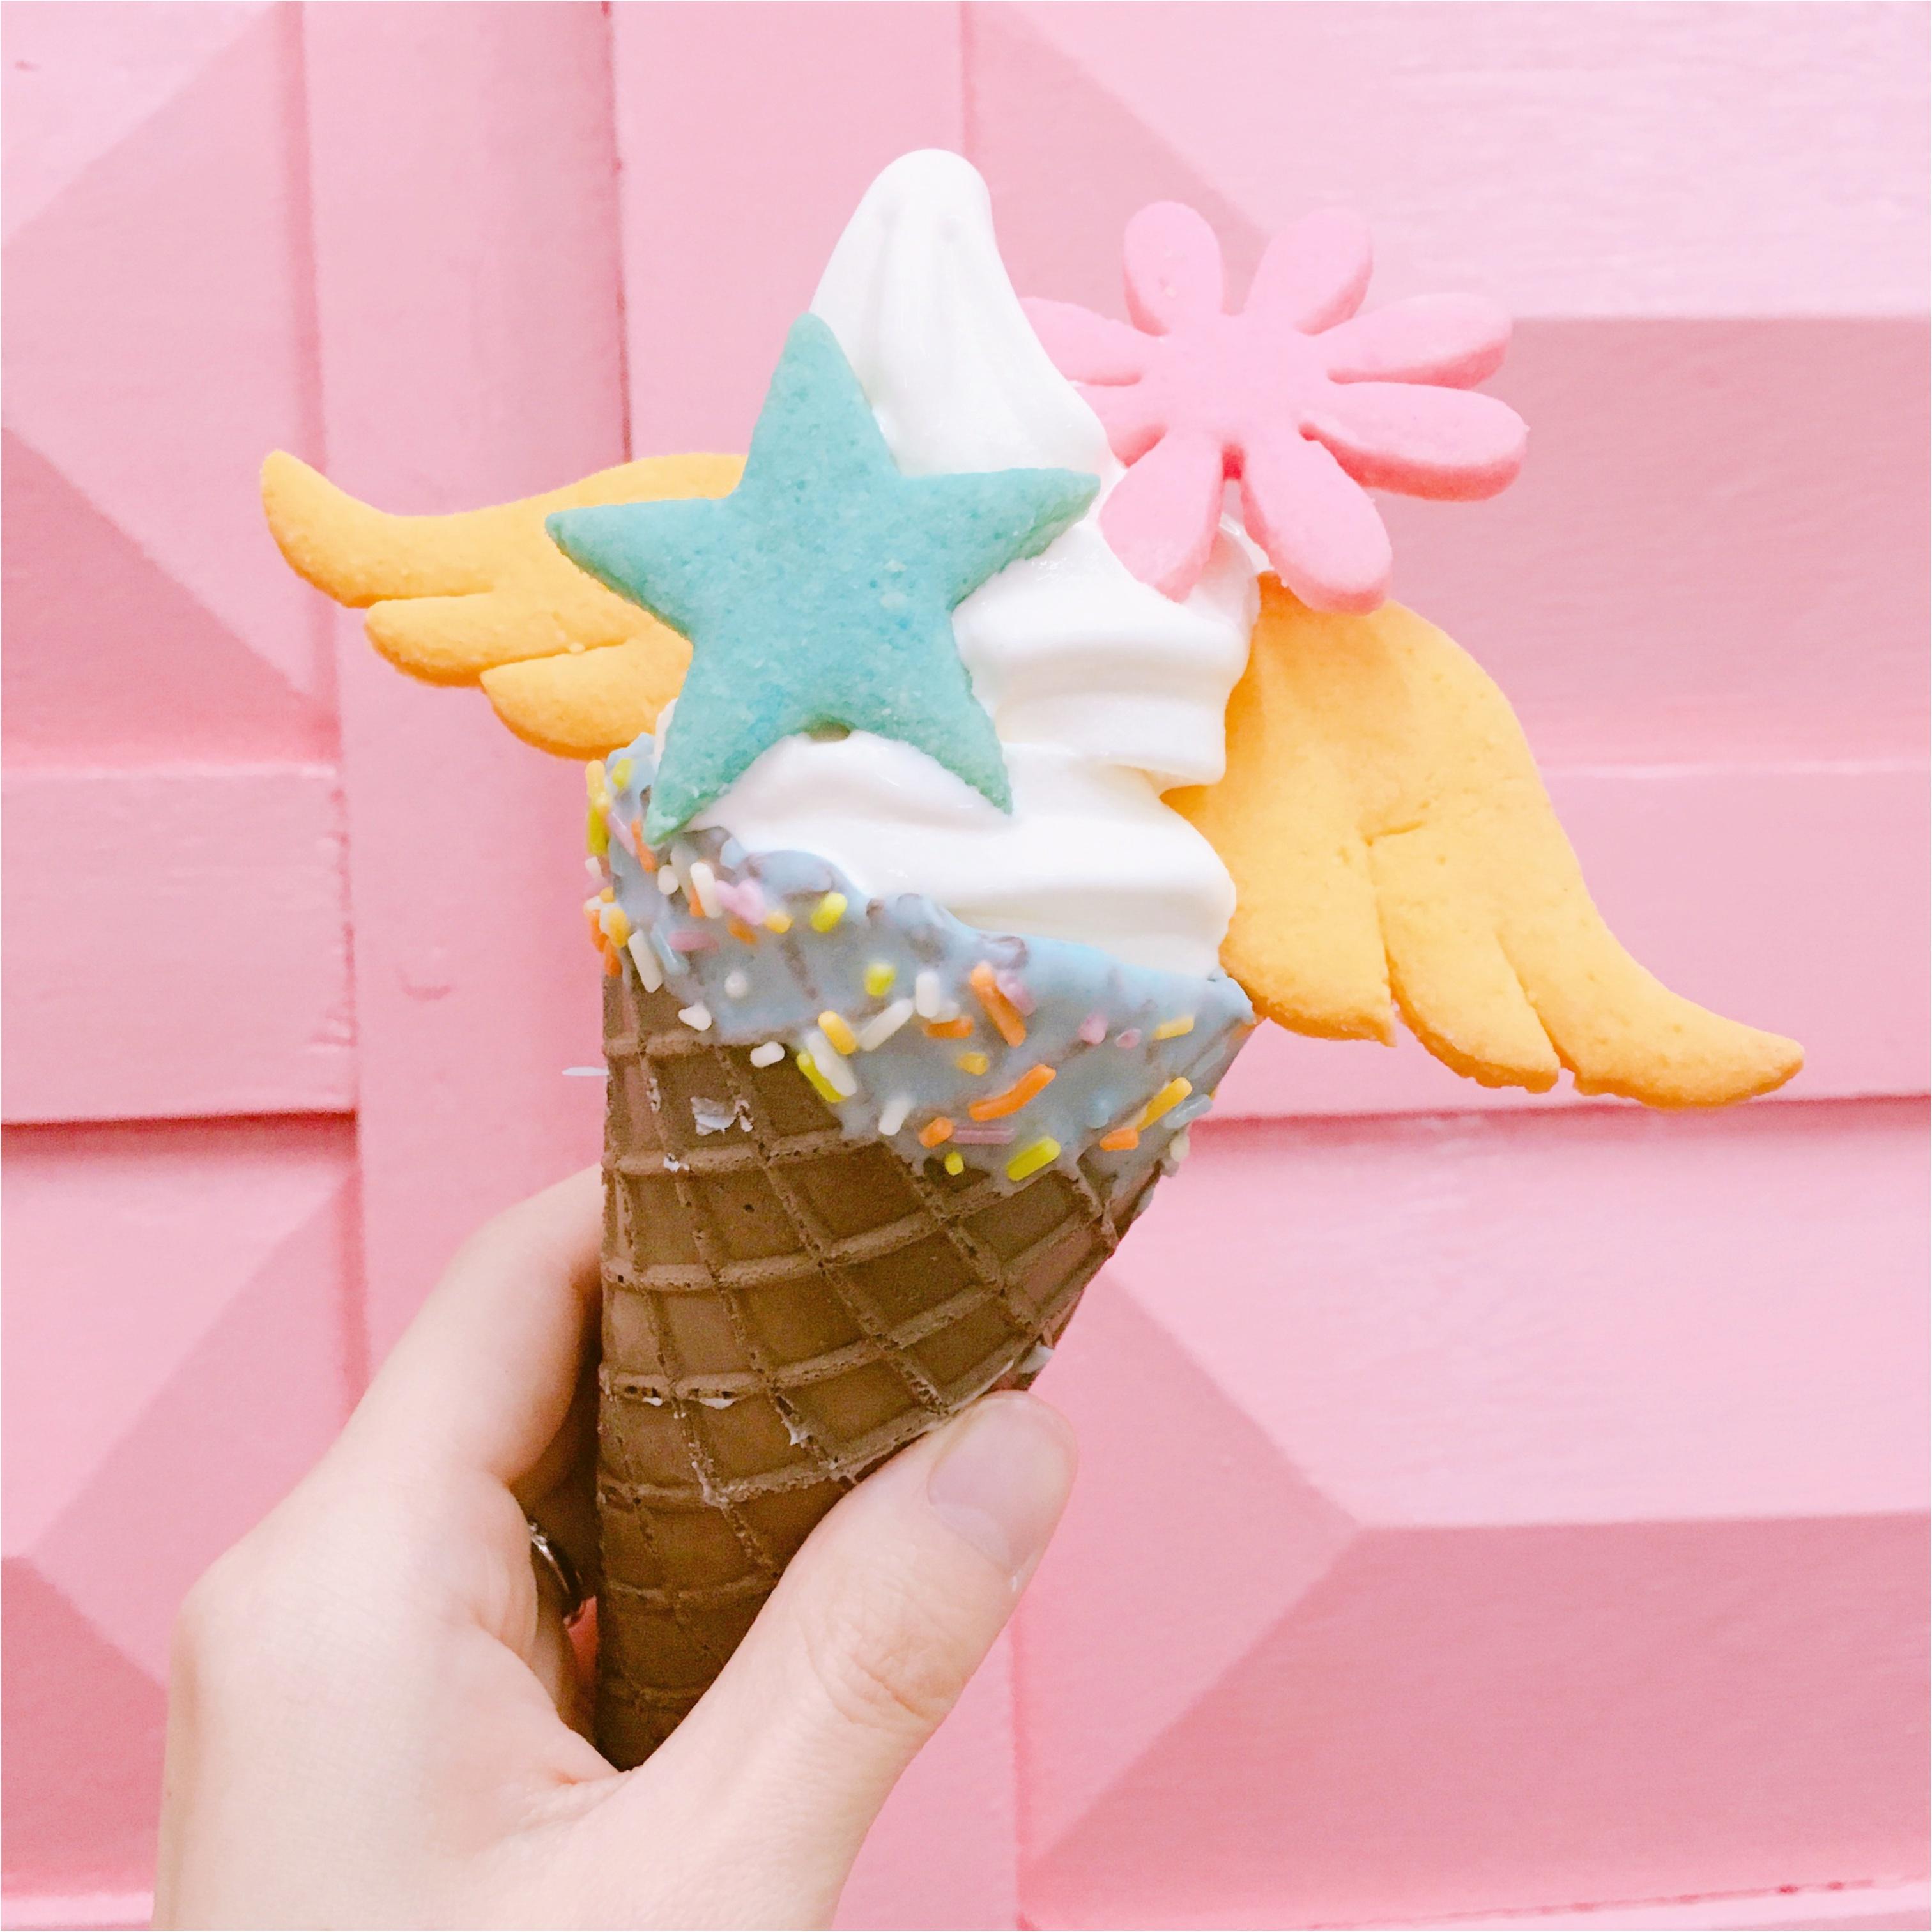 《 私のカフェめぐり♪ 》 SNS映えばっちり◎カラフルクッキーが乗ったソフトクリーム♡♡_4